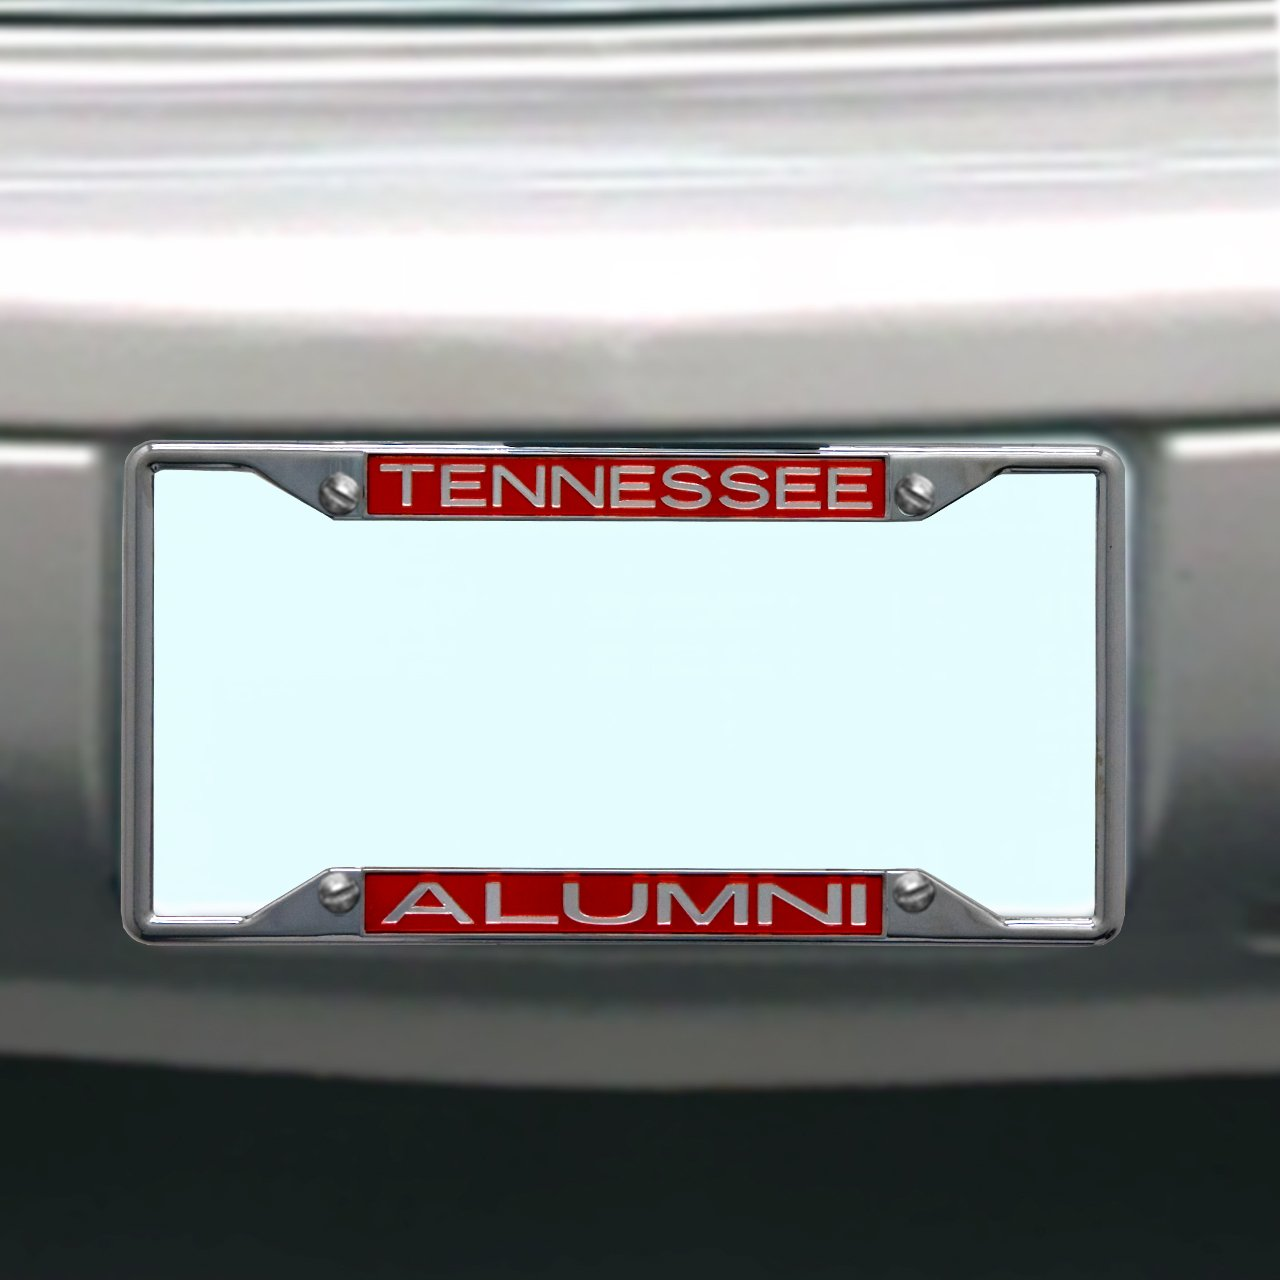 Amazon.com : NCAA Tennessee Volunteers License Plate Frame Alumni ...